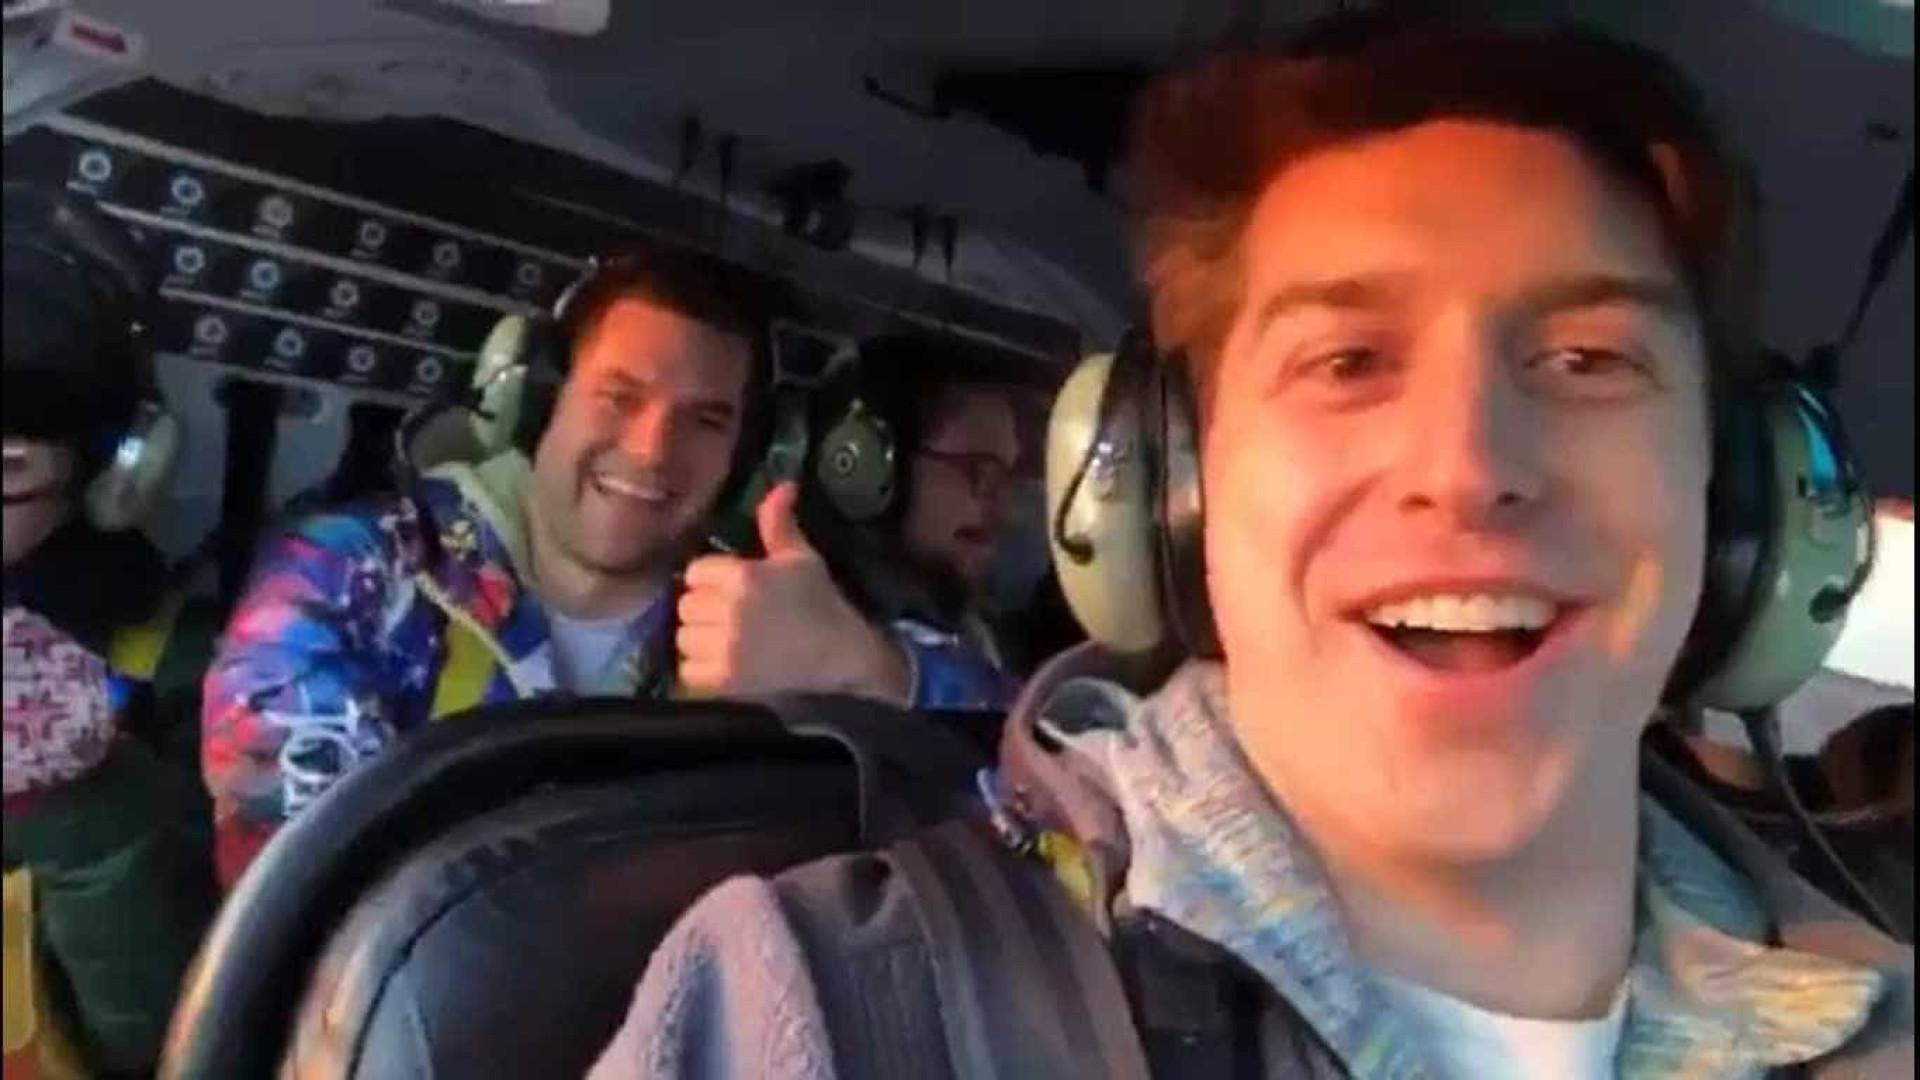 Jovem posta vídeo de decolagem antes de morrer em queda de helicóptero